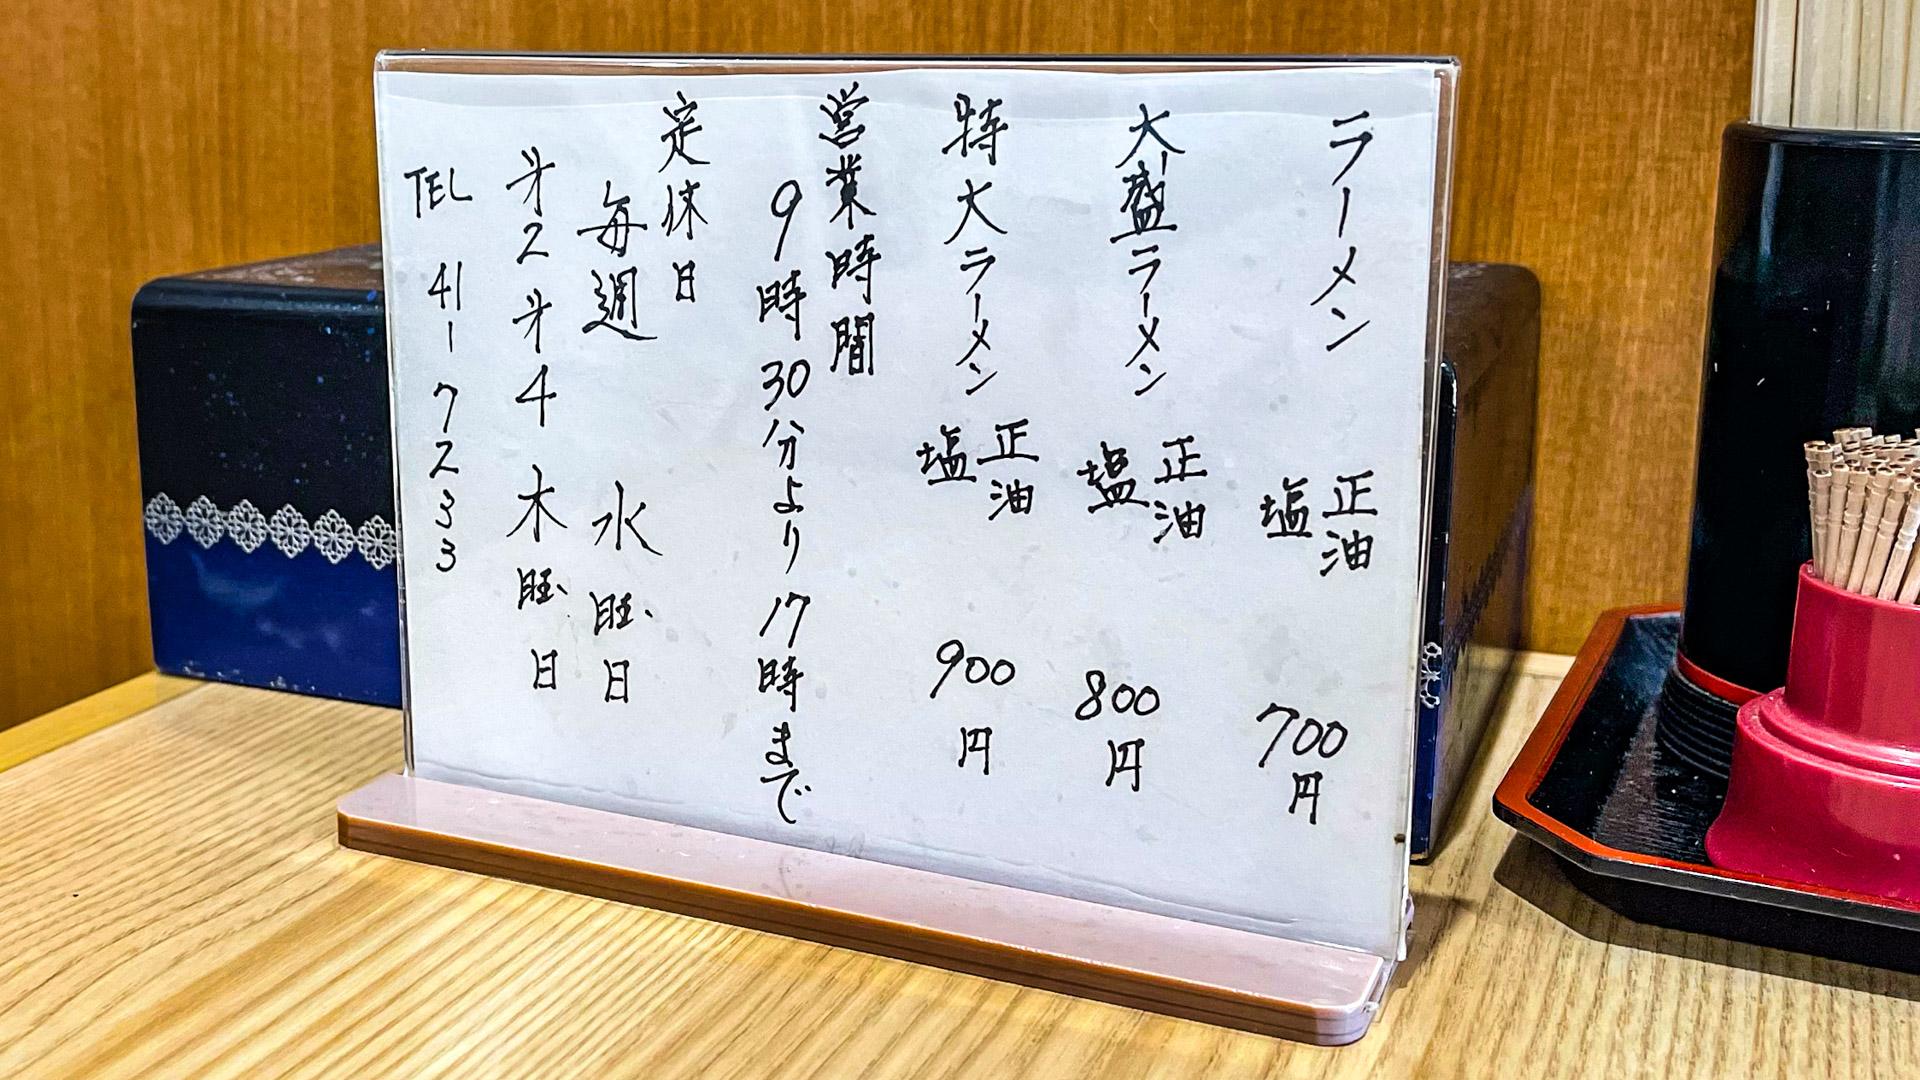 釧路ラーメン まるひら メニュー表